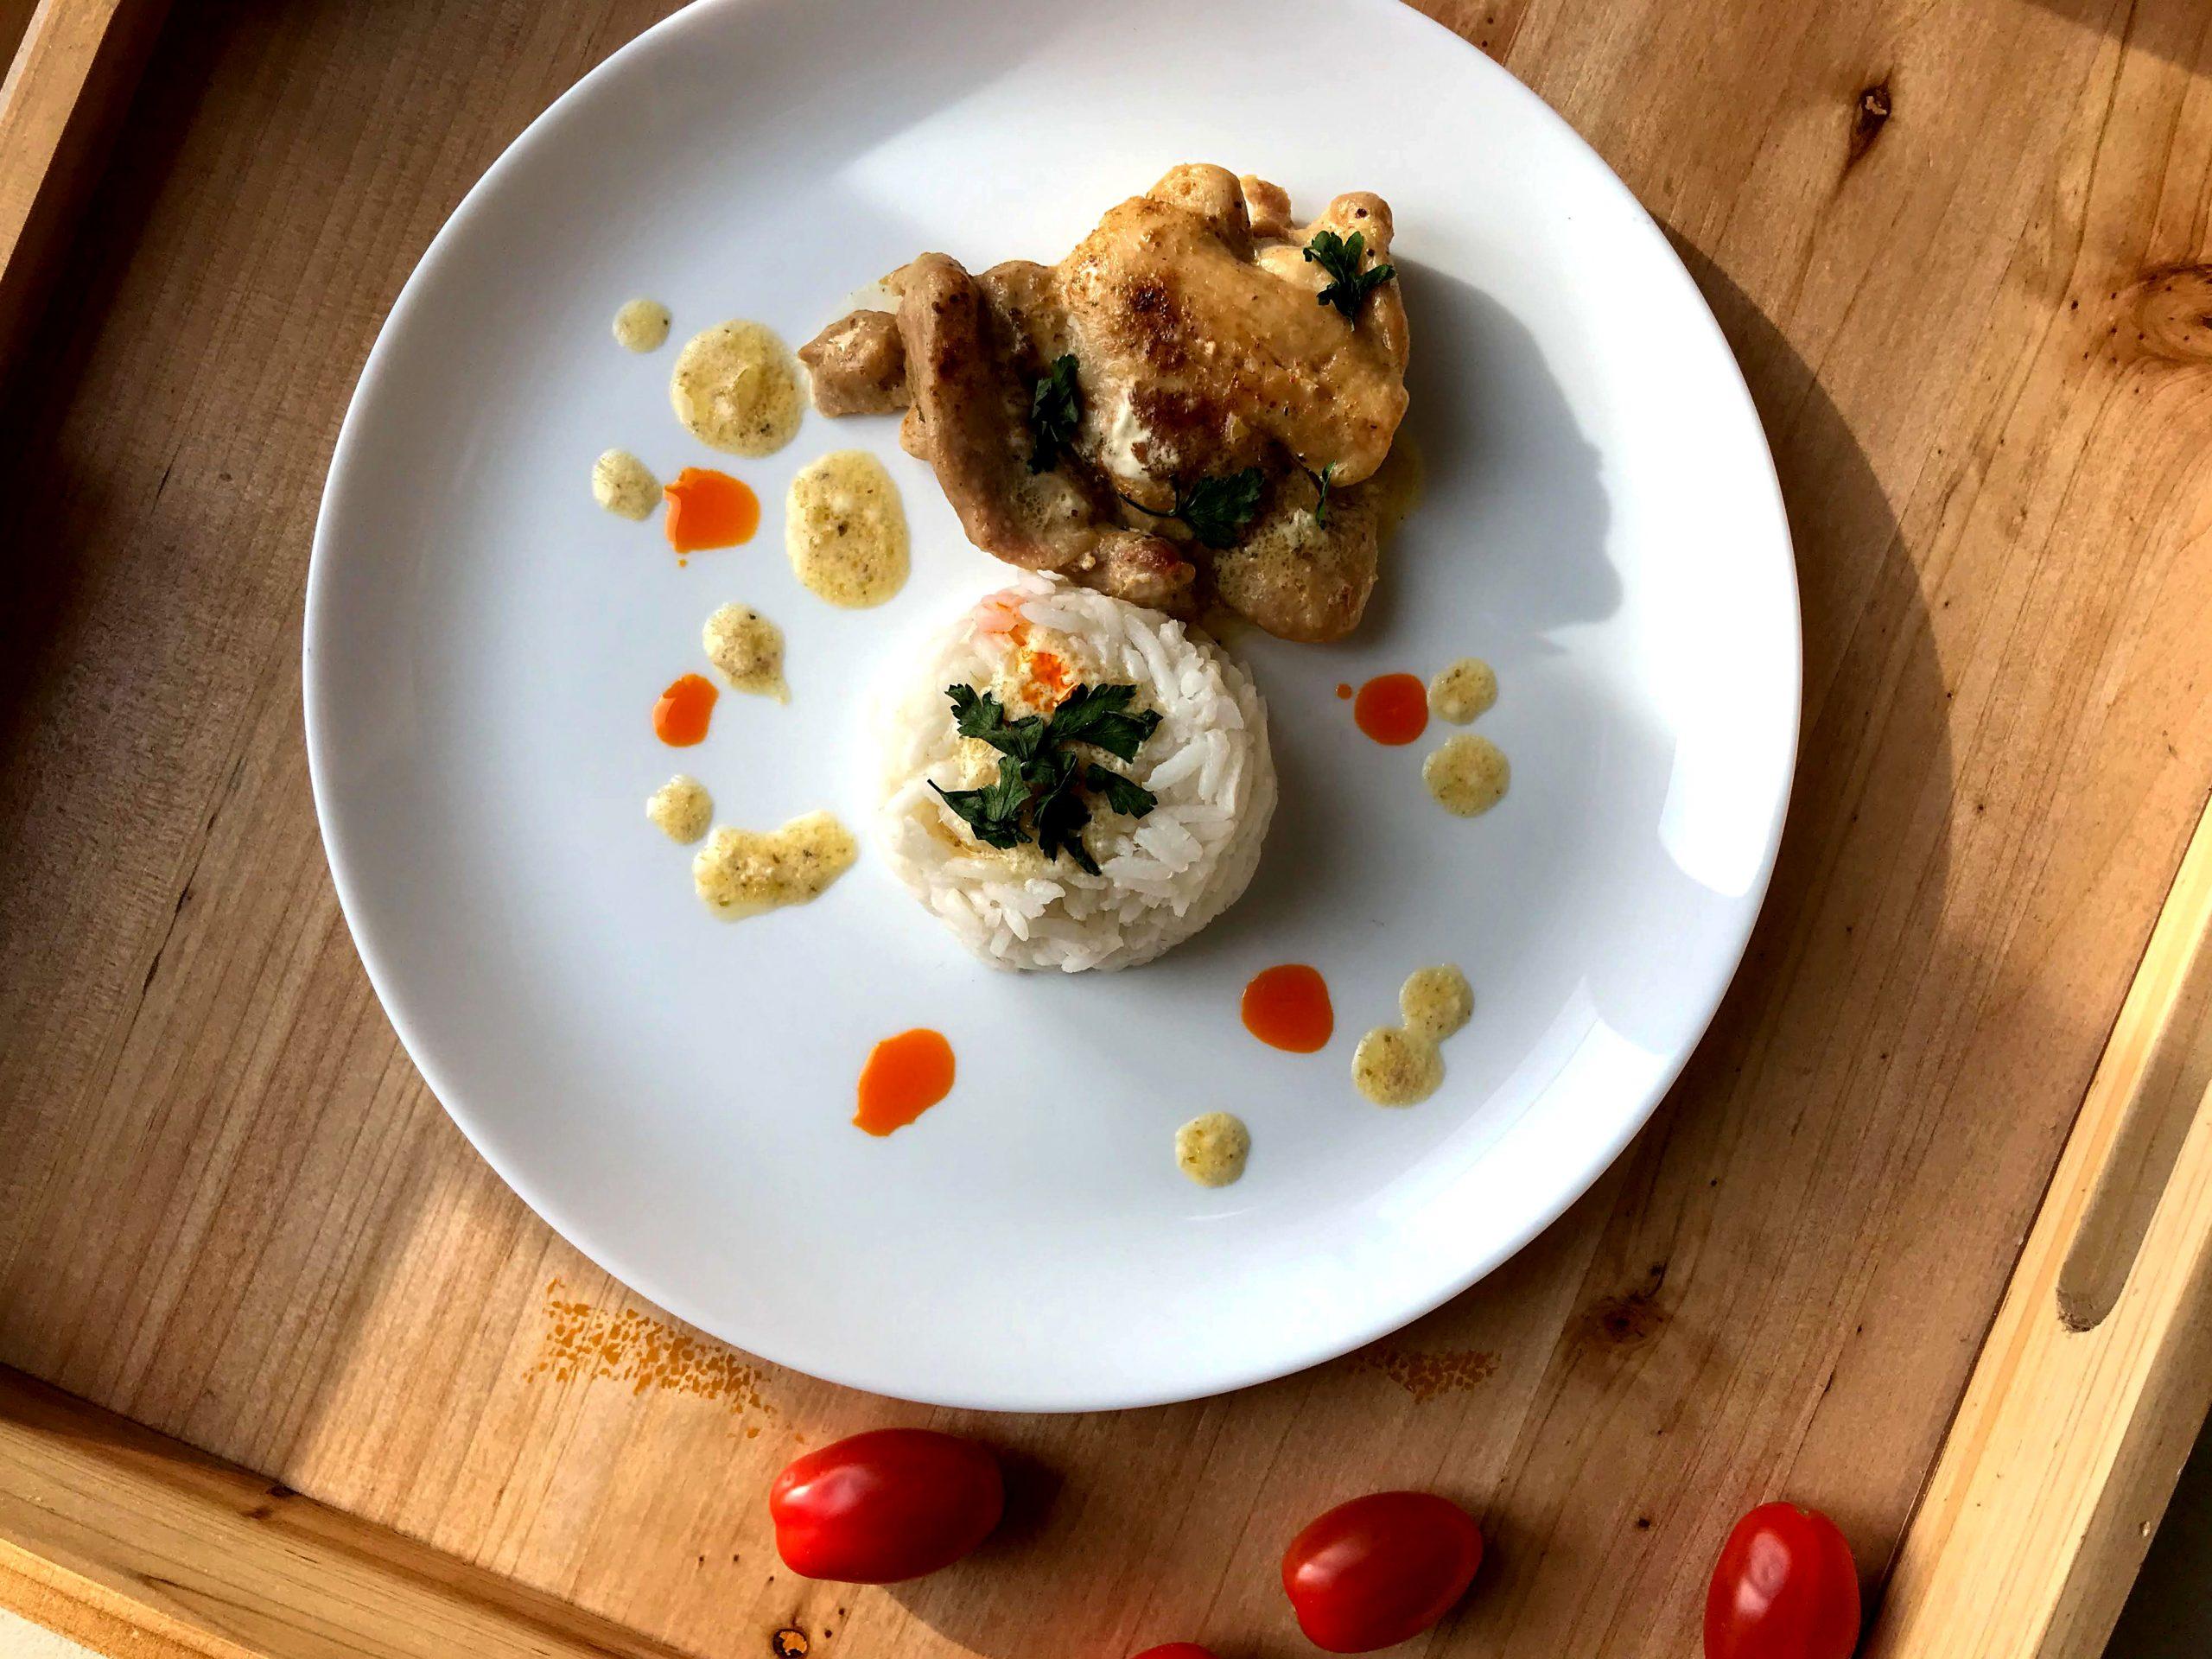 Kurczak w sosie śmietanowym – szybki obiad Hierry